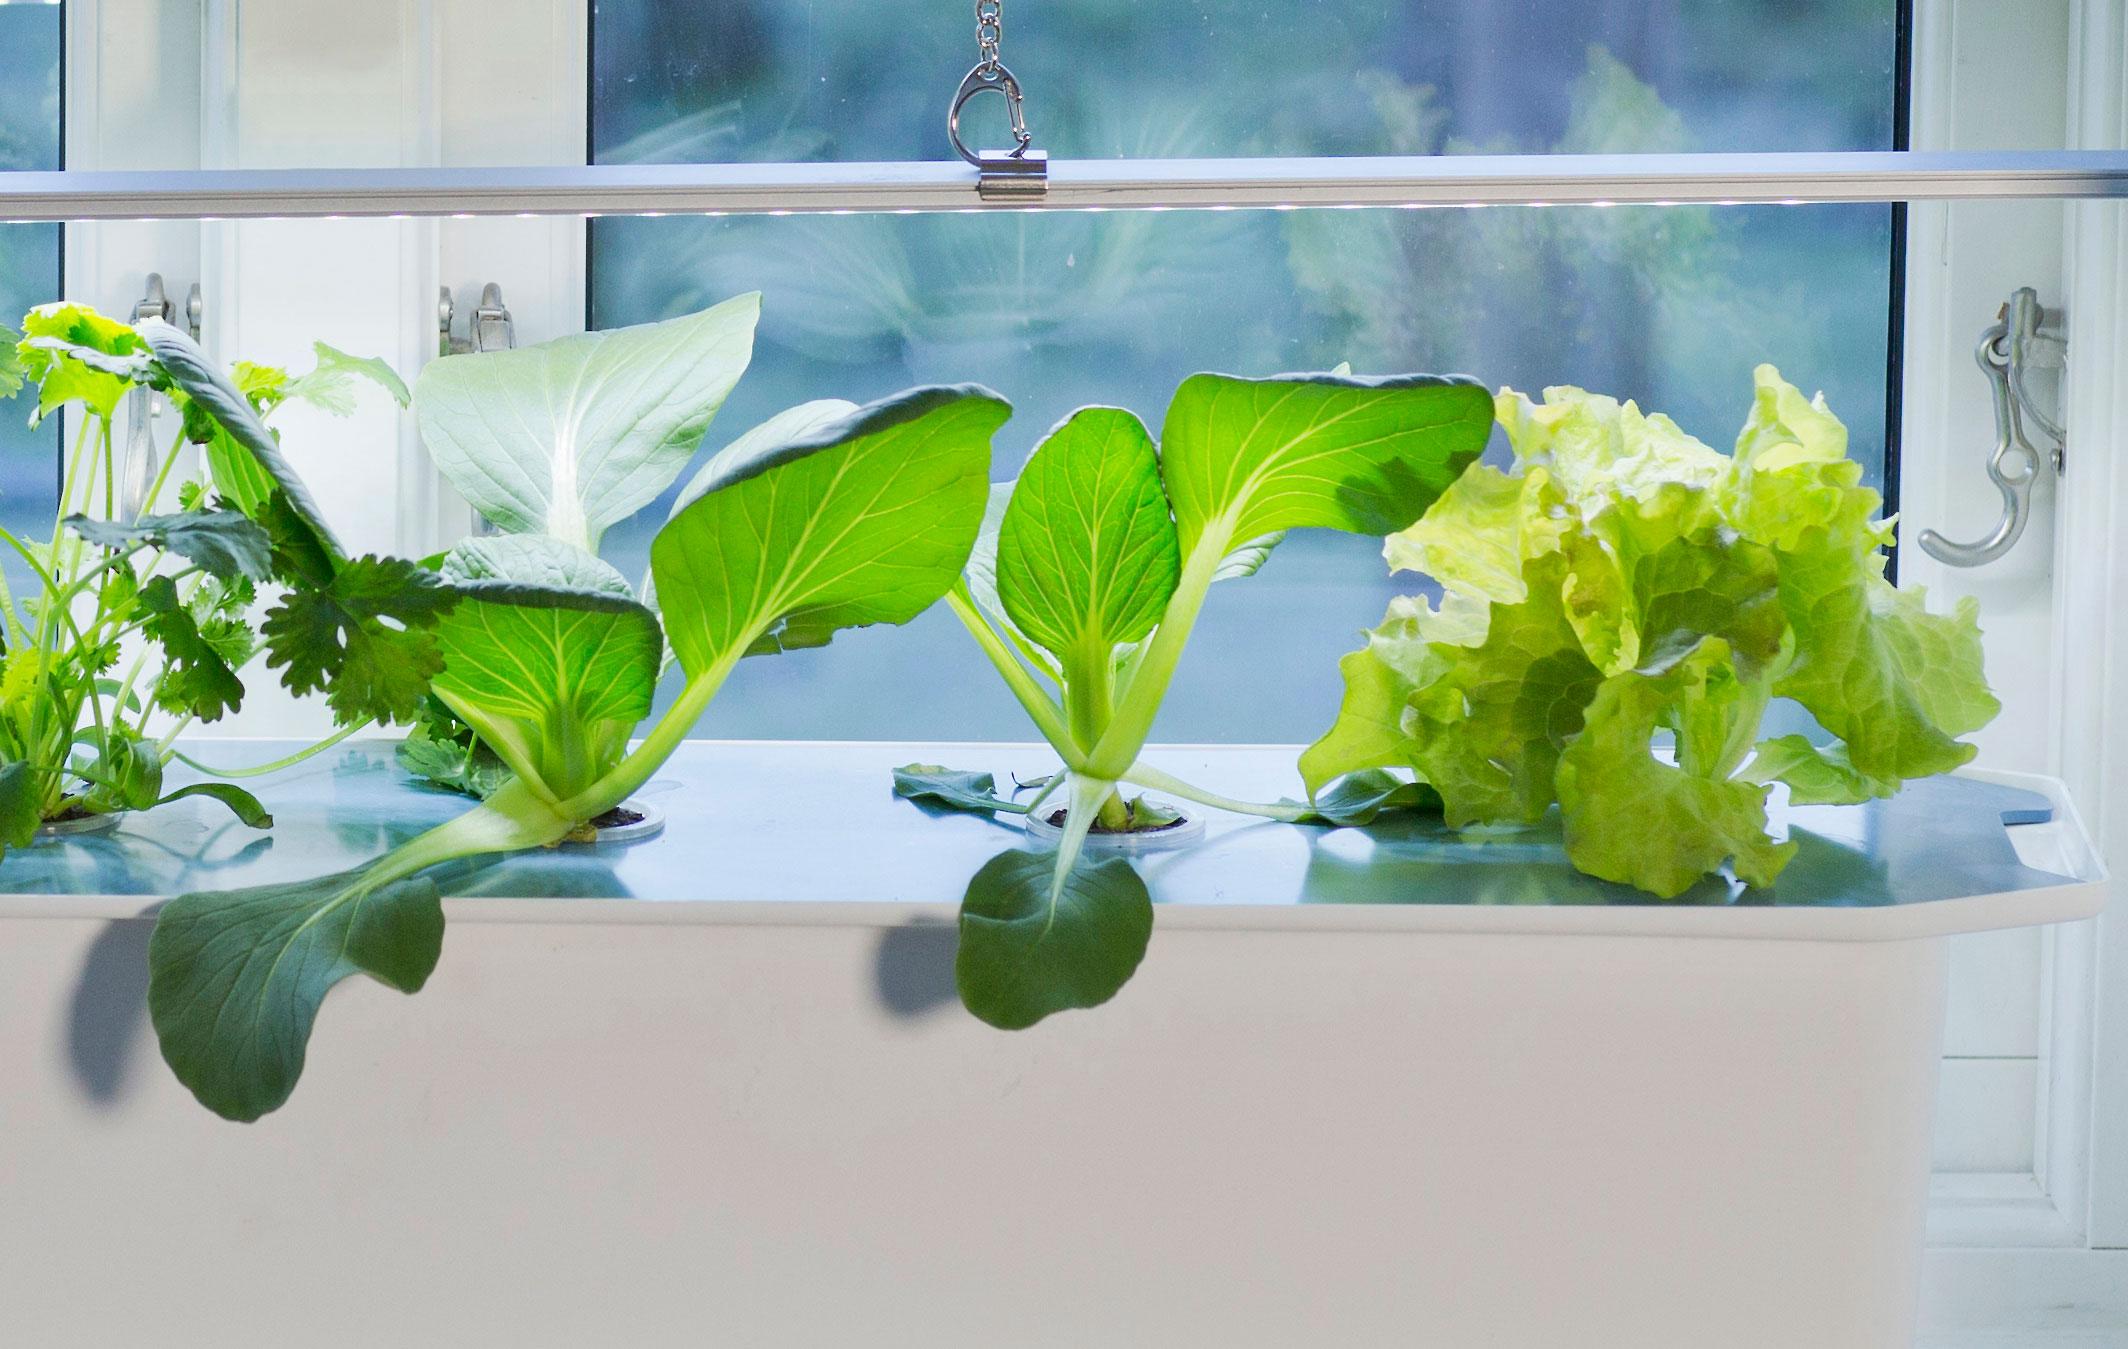 Snabbväxande bladgrönsaker som pak choi och sallat är enkla att lyckas med i din hydroponiska odling.Foto: Annika Christensen